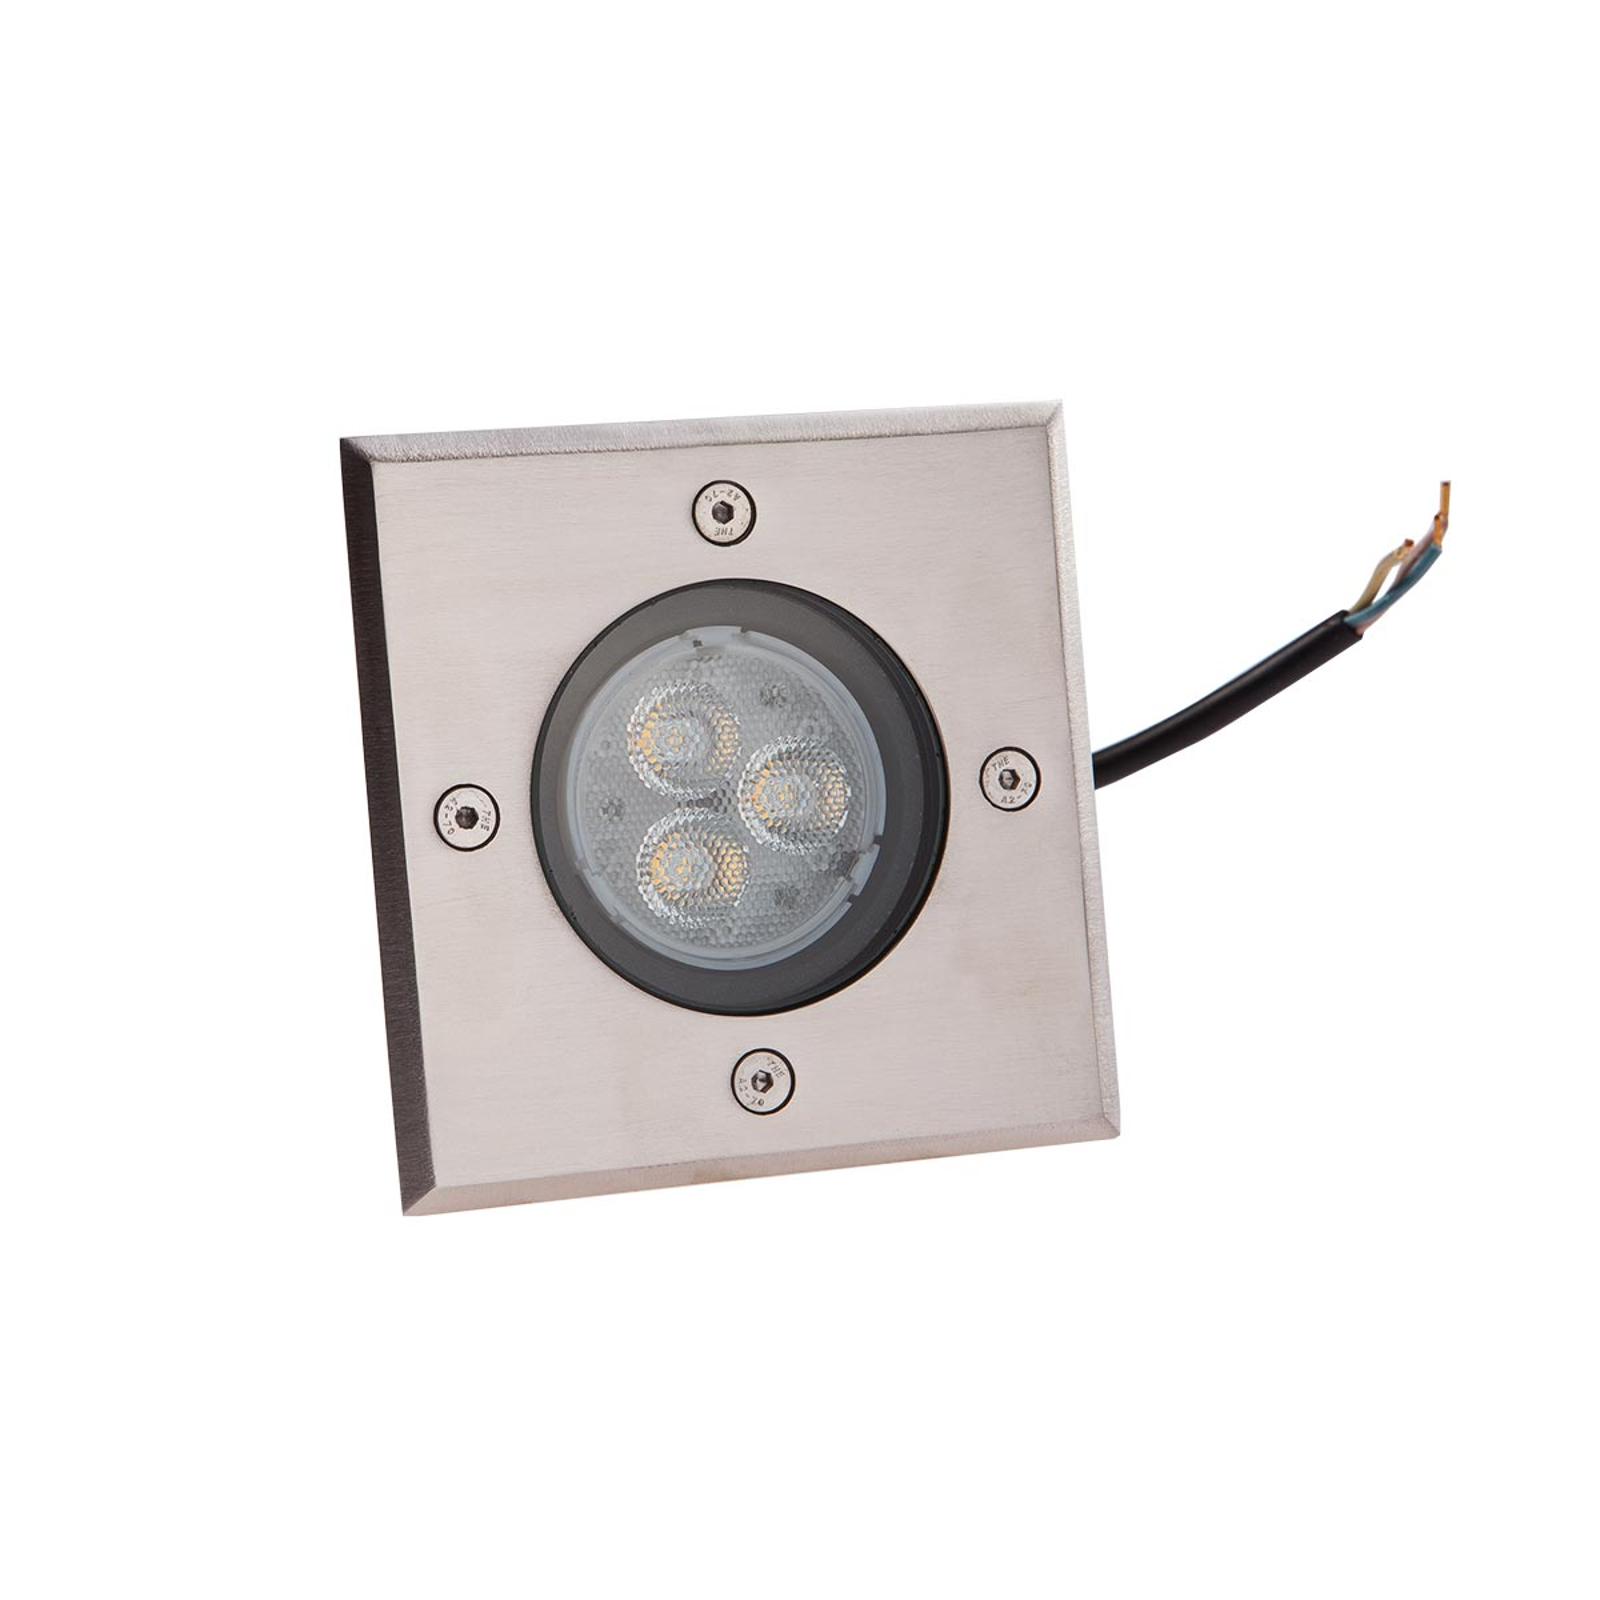 Lampada a pavimento Ava, angolare, a LED, IP67